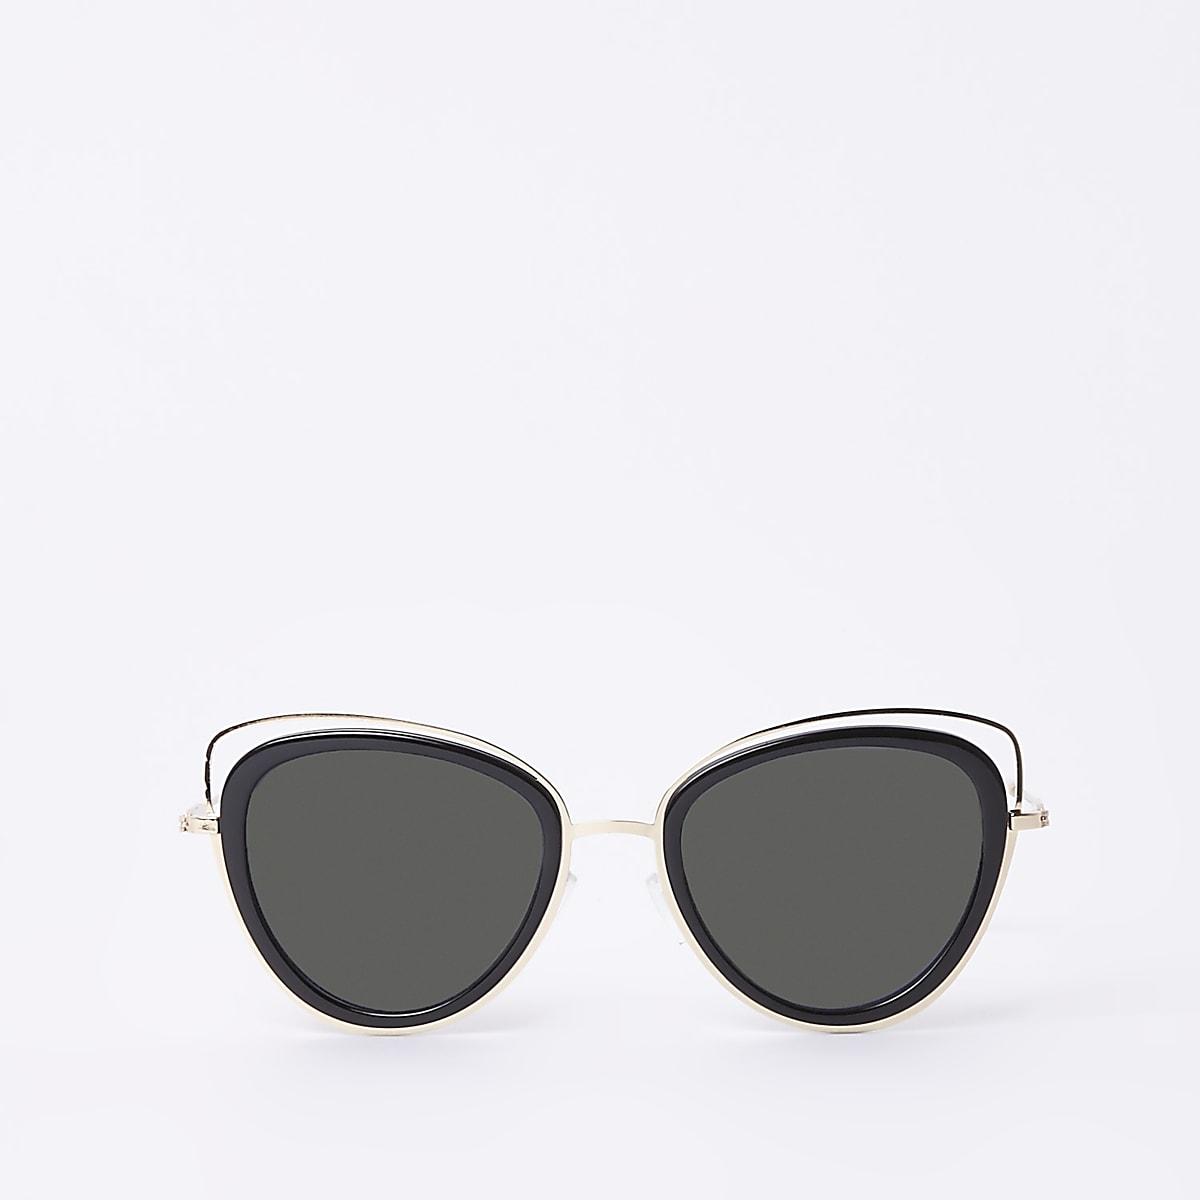 Goudkleurige cat-eye-zonnebril met uitsnede